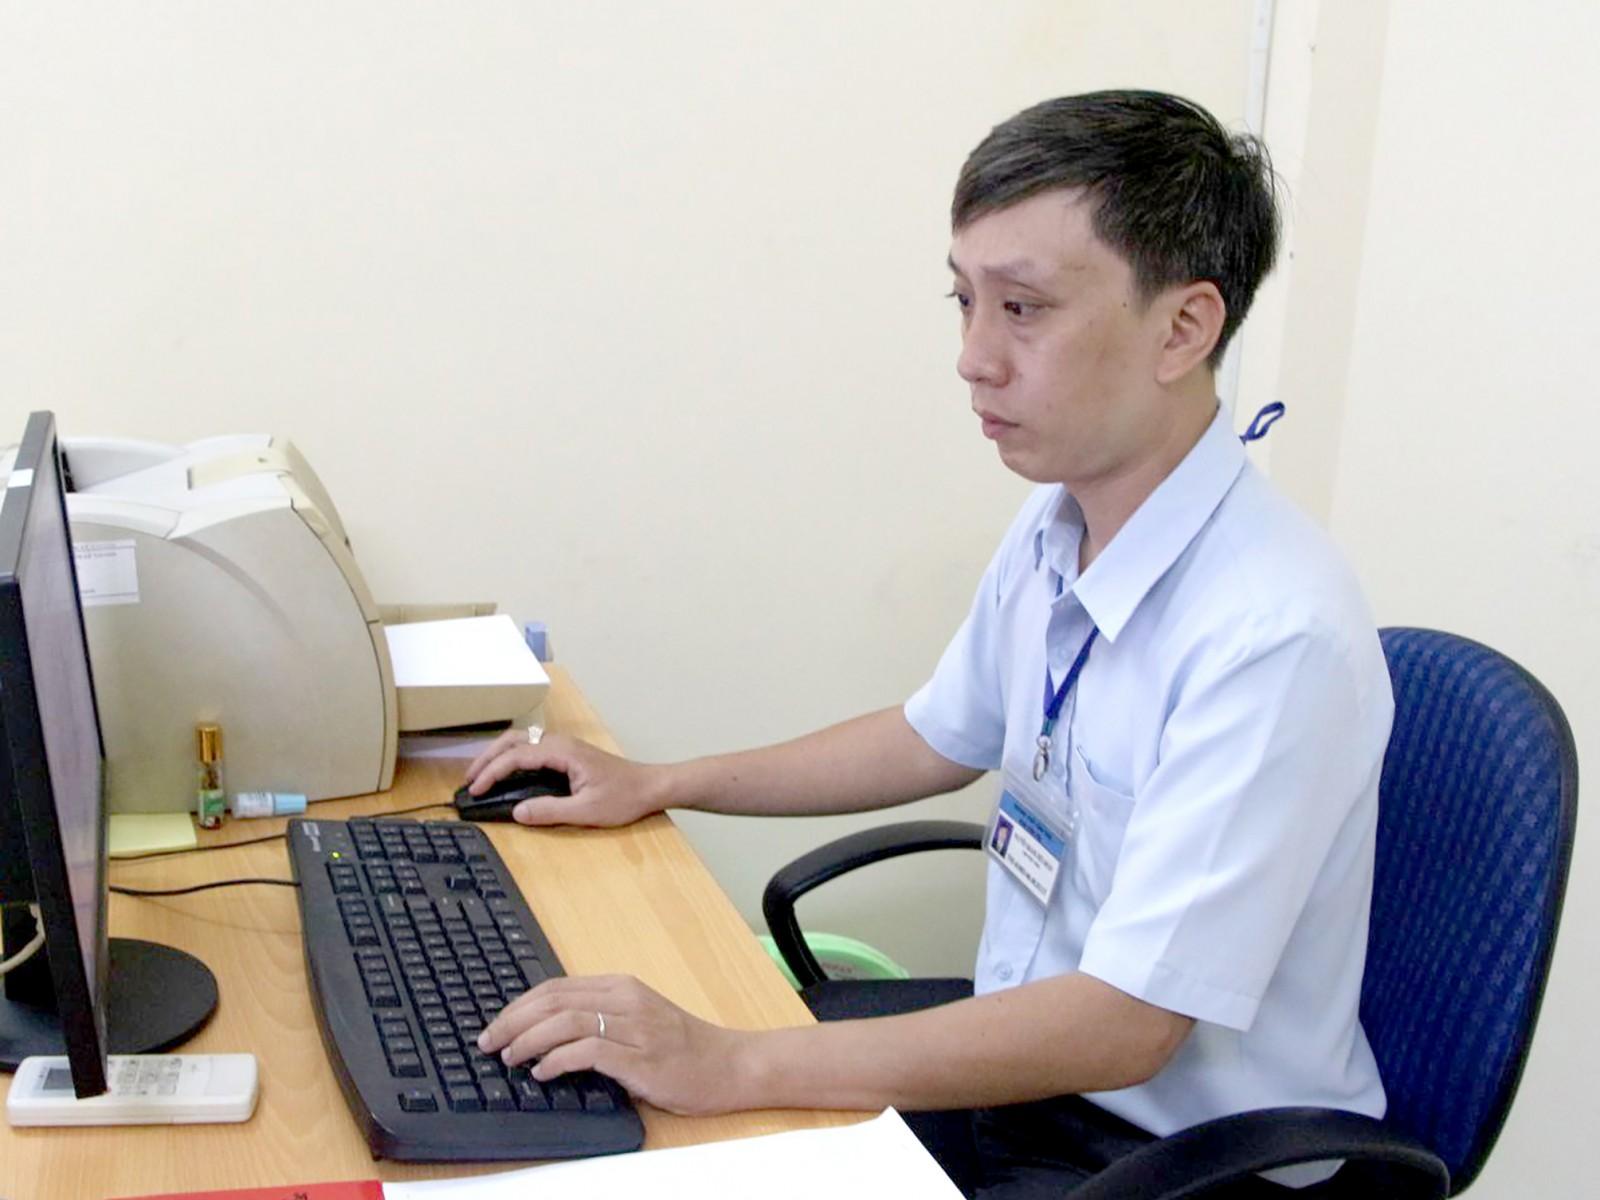 Công chức Ban Dân tộc xử lý thông tin đưa lên cổng thông tin điện tử của Ban. Ảnh: NGỌC QUYÊN.